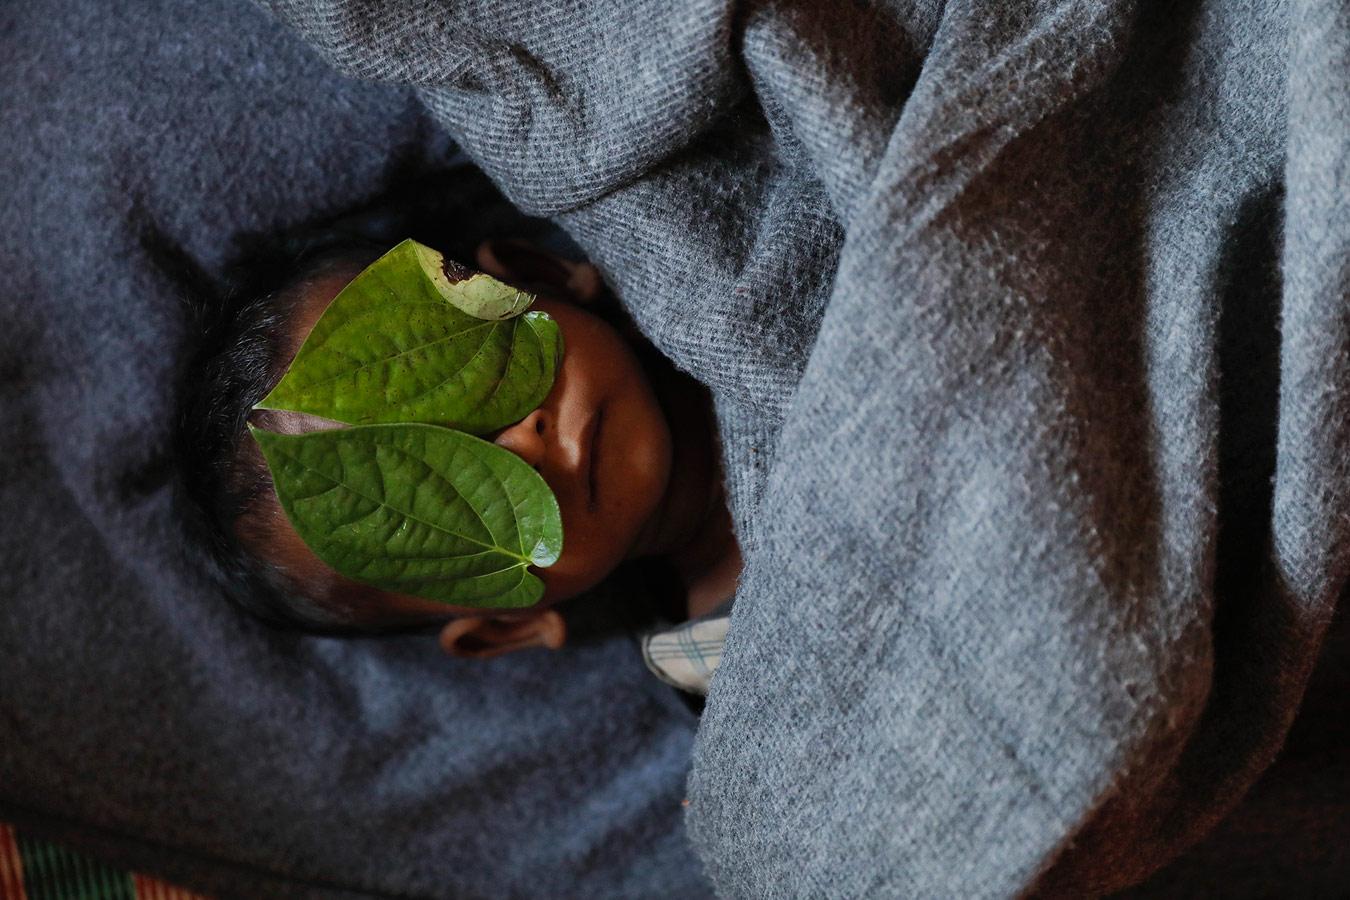 Мальчик / Бангладеш, © Дамир Саголь / Рейтер, Босния и Герцеговина, 1-я премия категории «Новостное фото», Фотограф года 2018, Фотоконкурс «Стамбул – 2019» — Istanbul